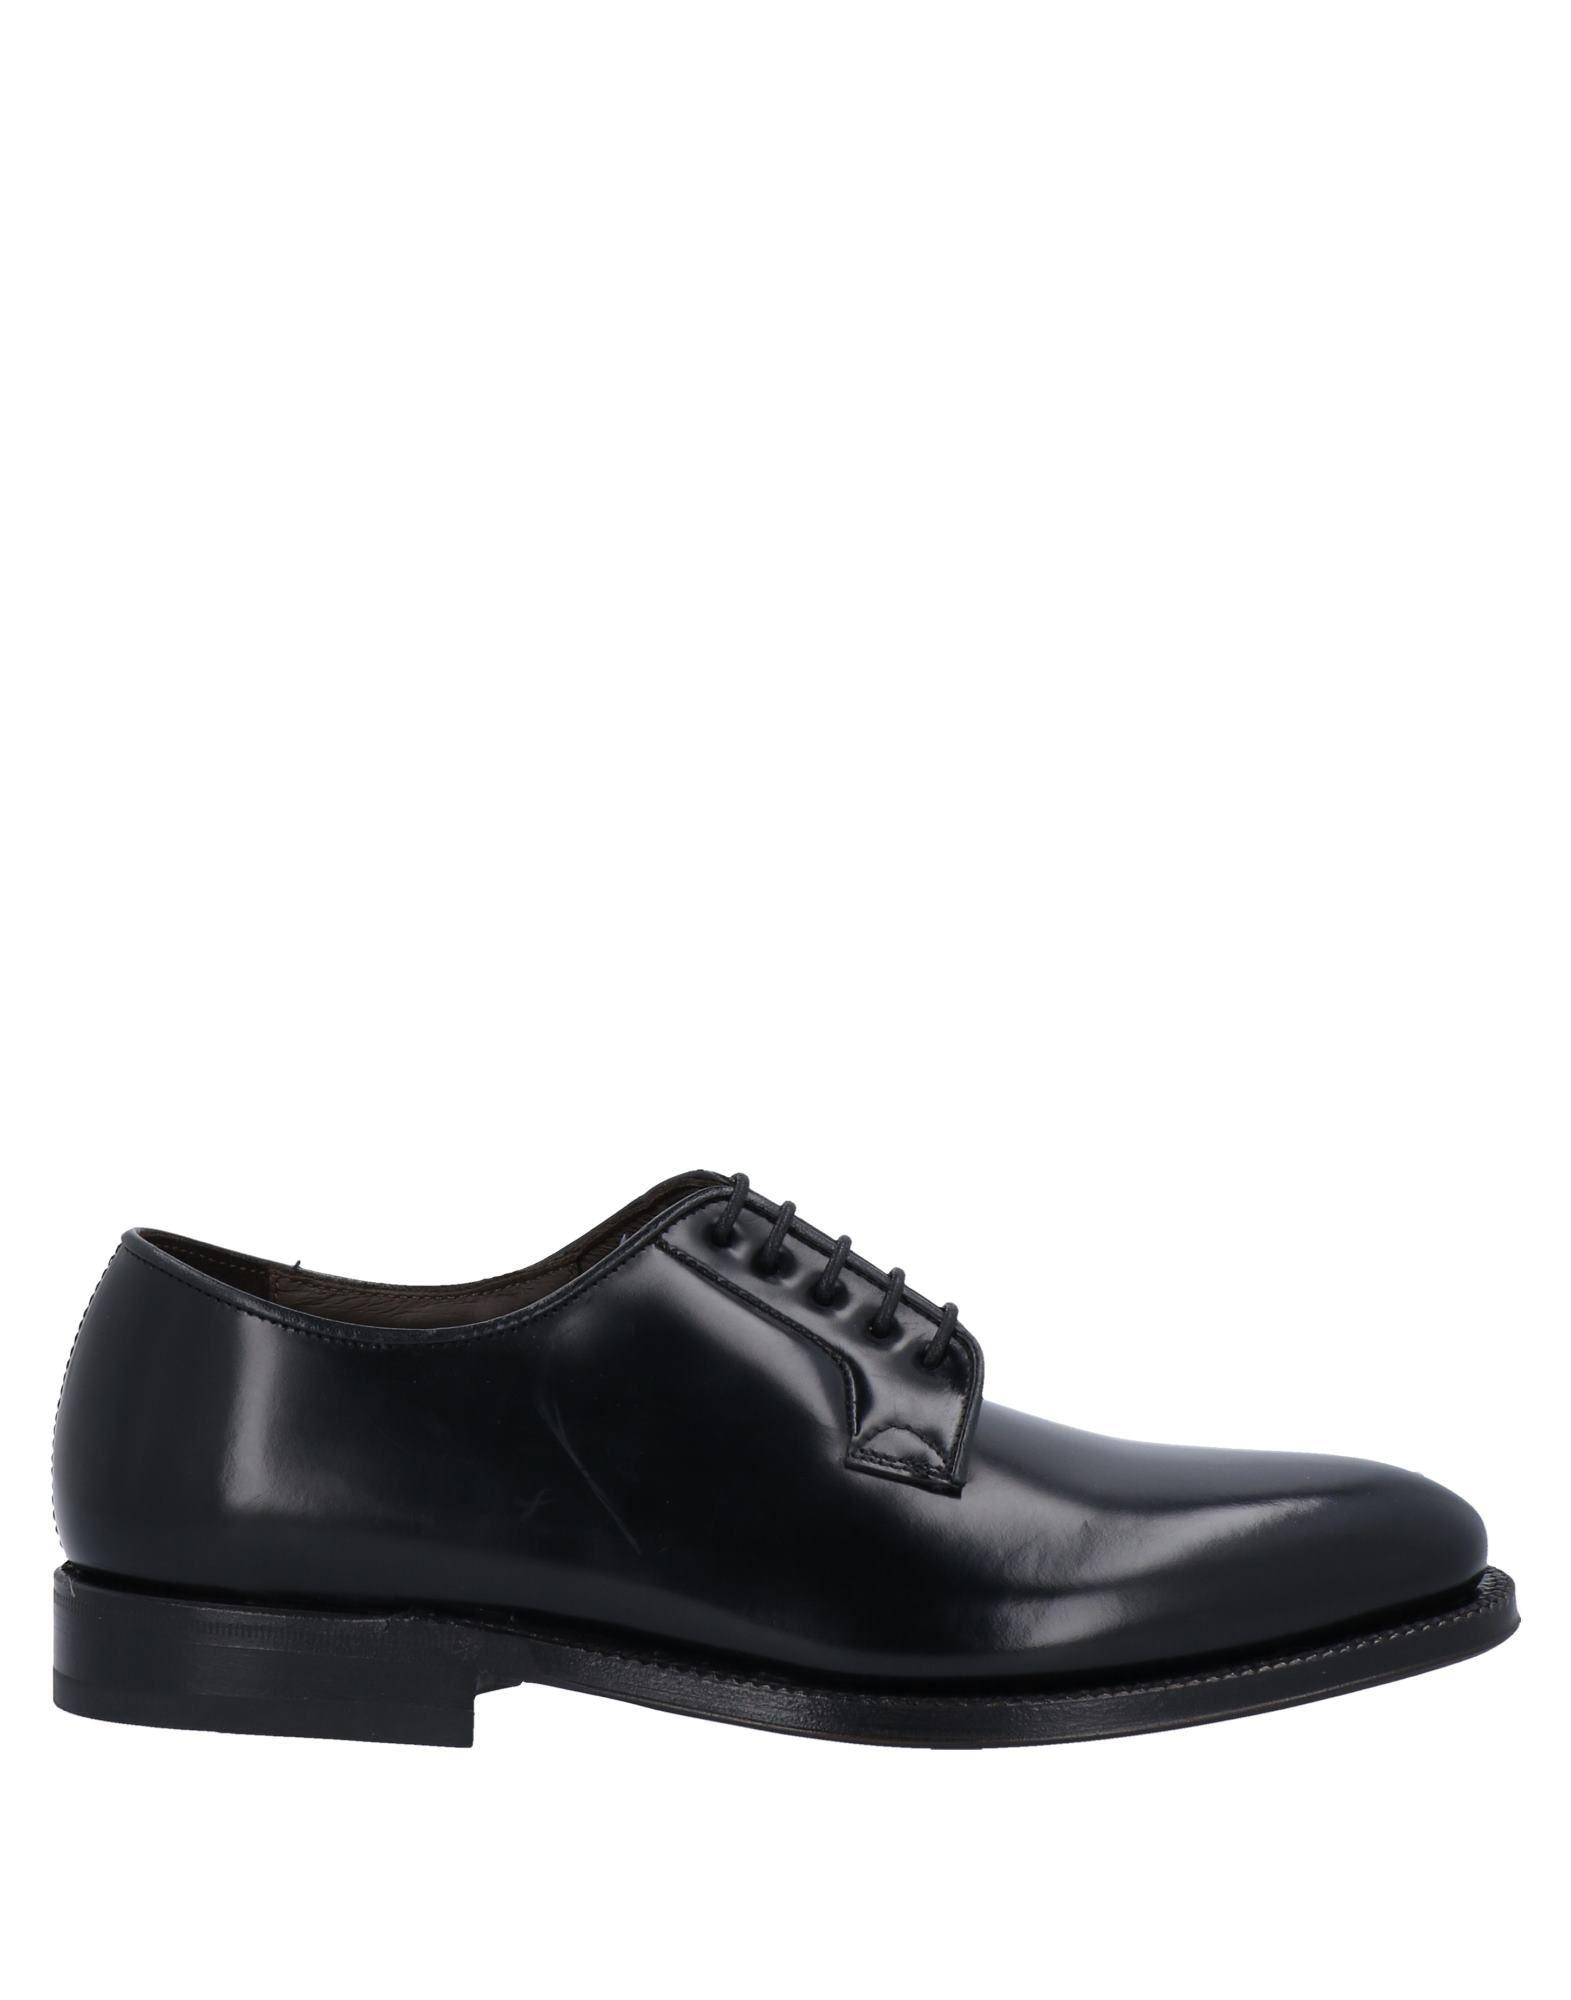 ANDY PARKER Lace-up shoes - Item 17008399